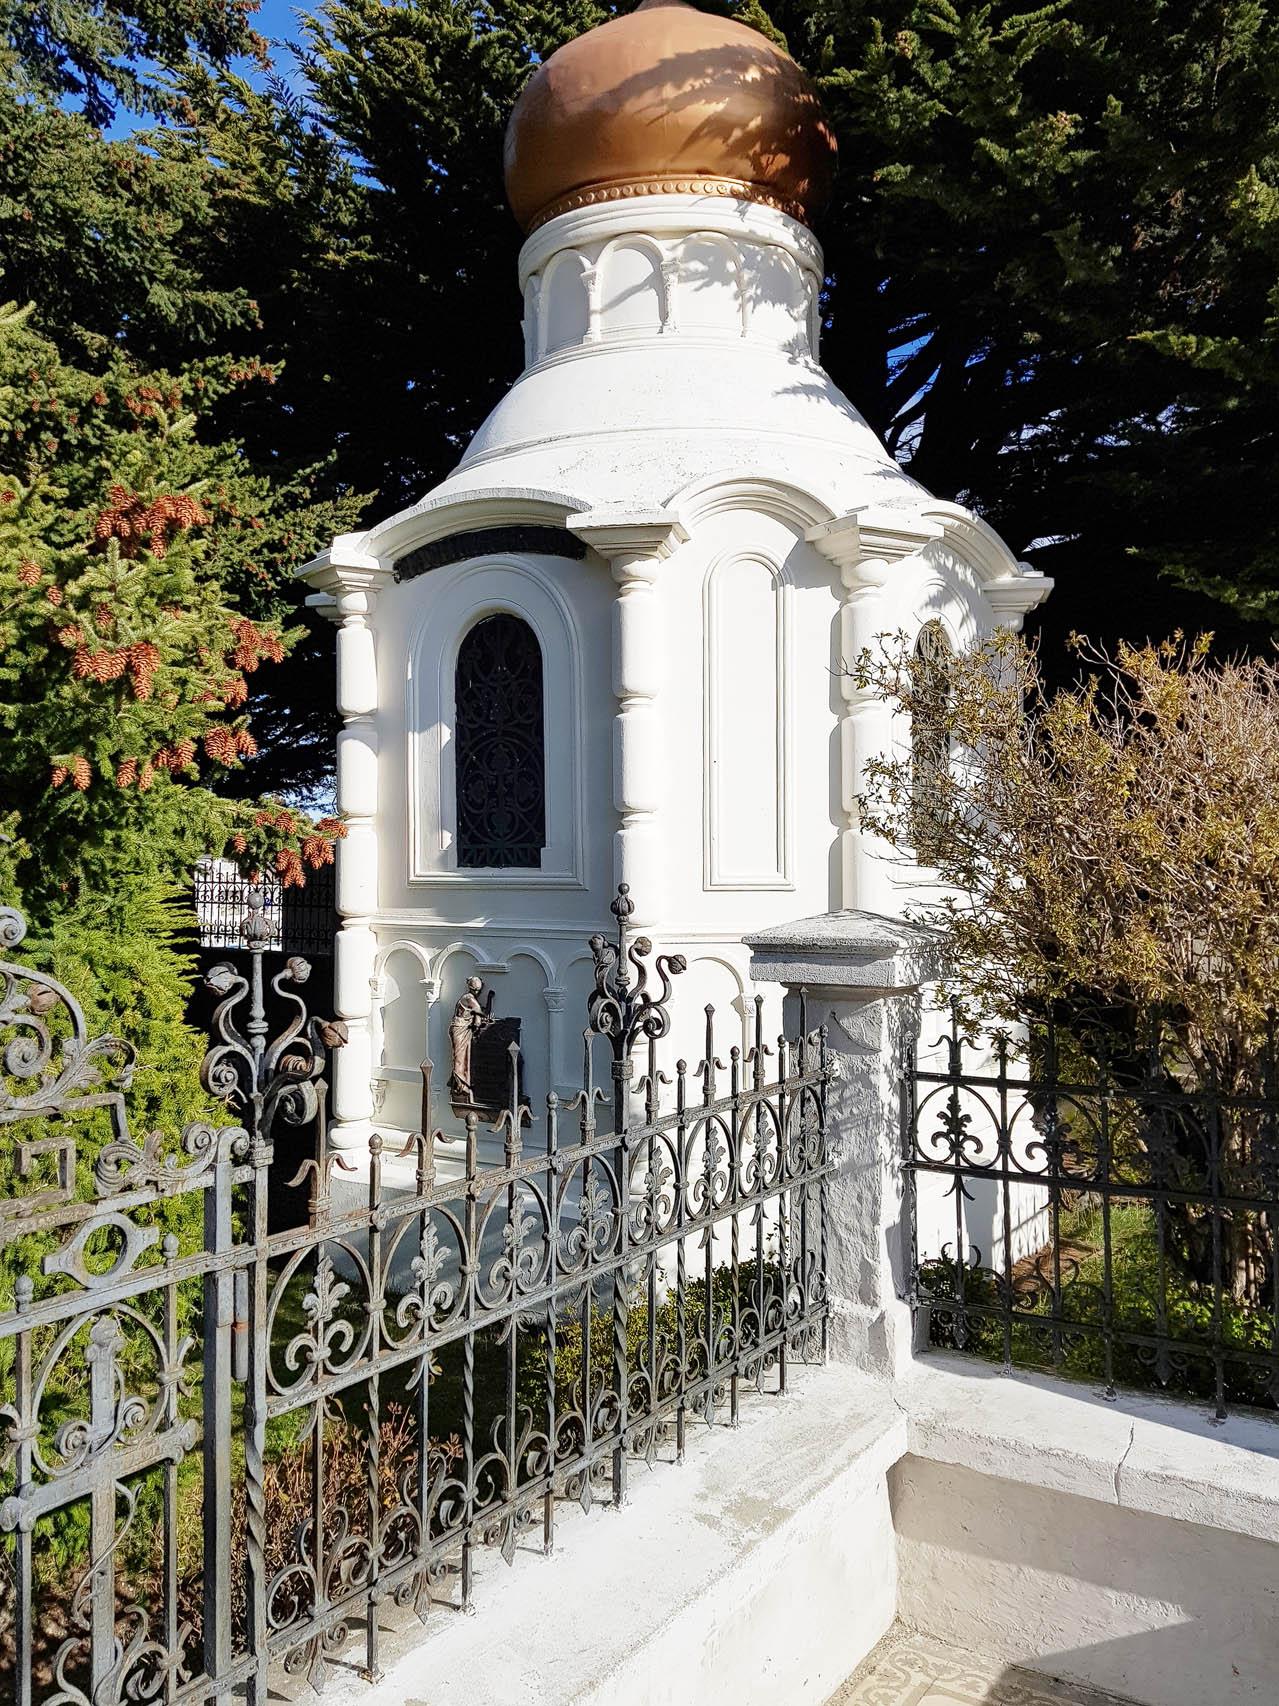 Sara Braun-Mausoleum auf dem Friedhof von Punta Arenas